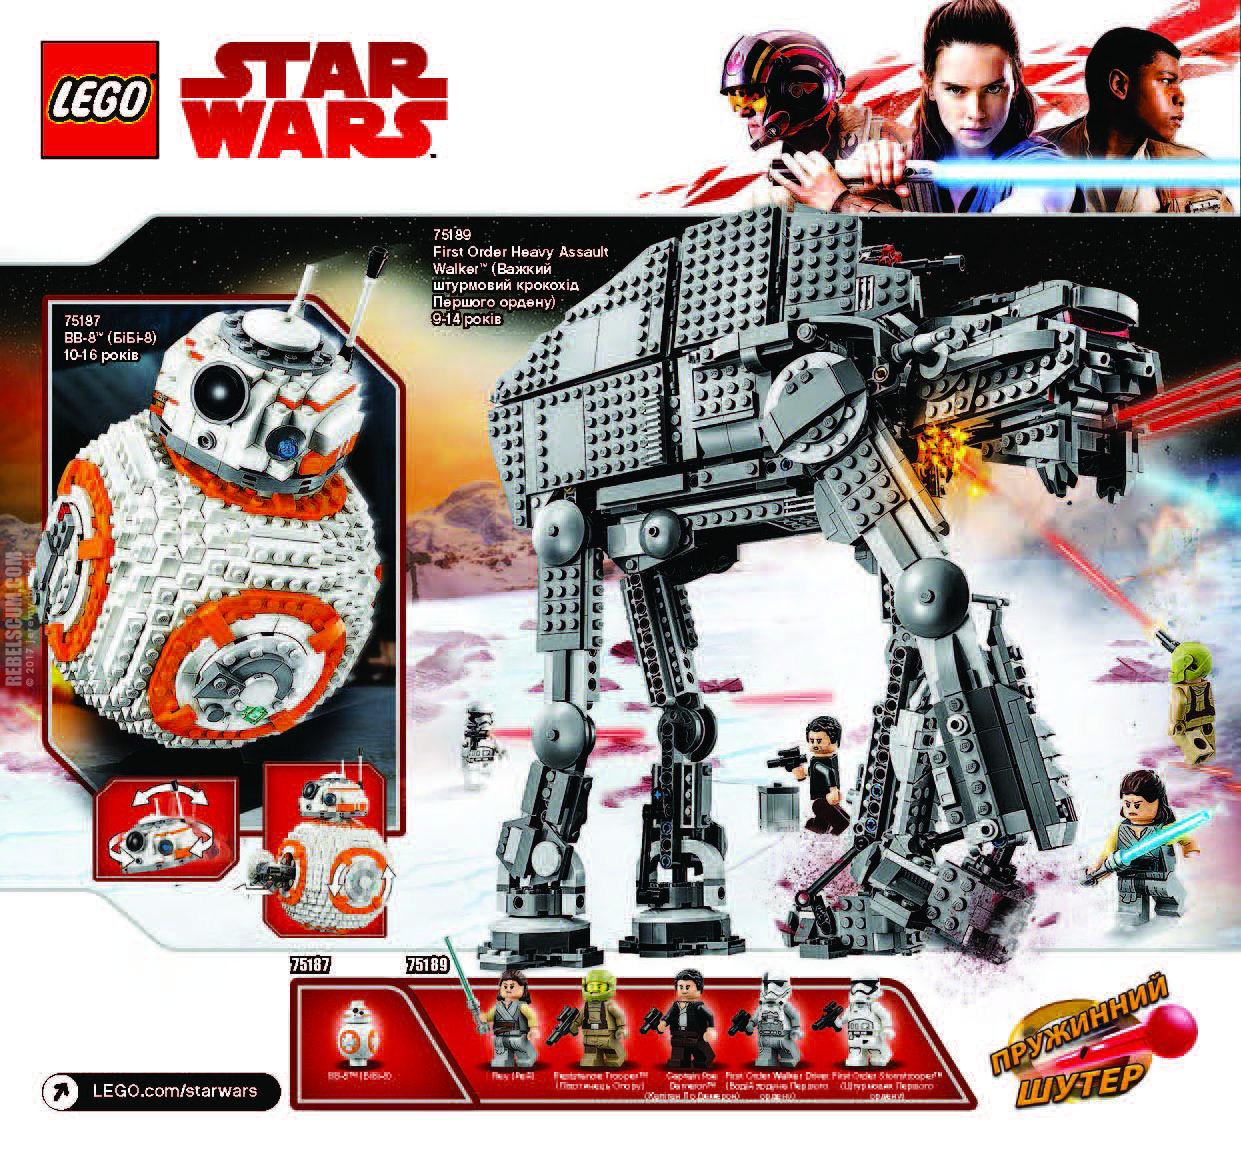 LEGO Han Solo Set Date Release